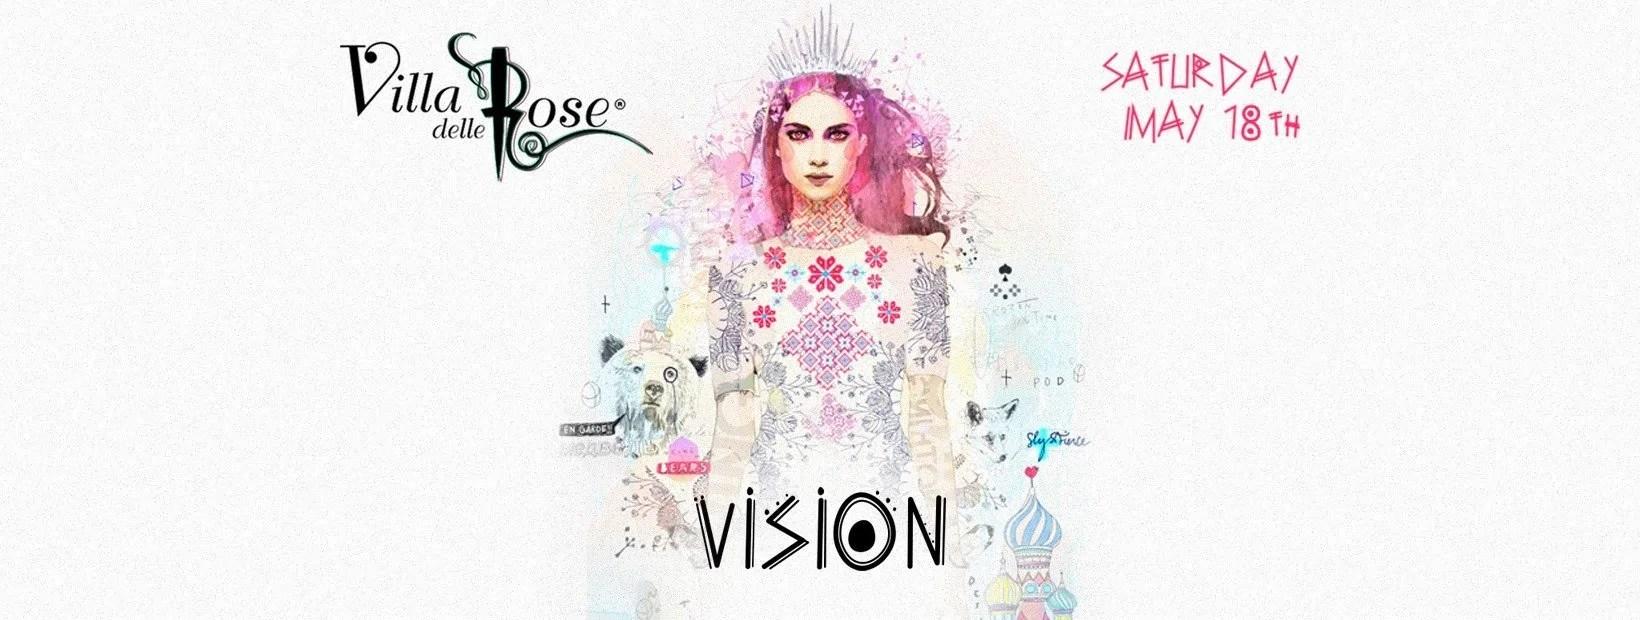 Villa delle Rose Sabato 18 Maggio 2019 + Prezzi Ticket/Biglietti/Prevendite 18APP Tavoli Pacchetti hotel